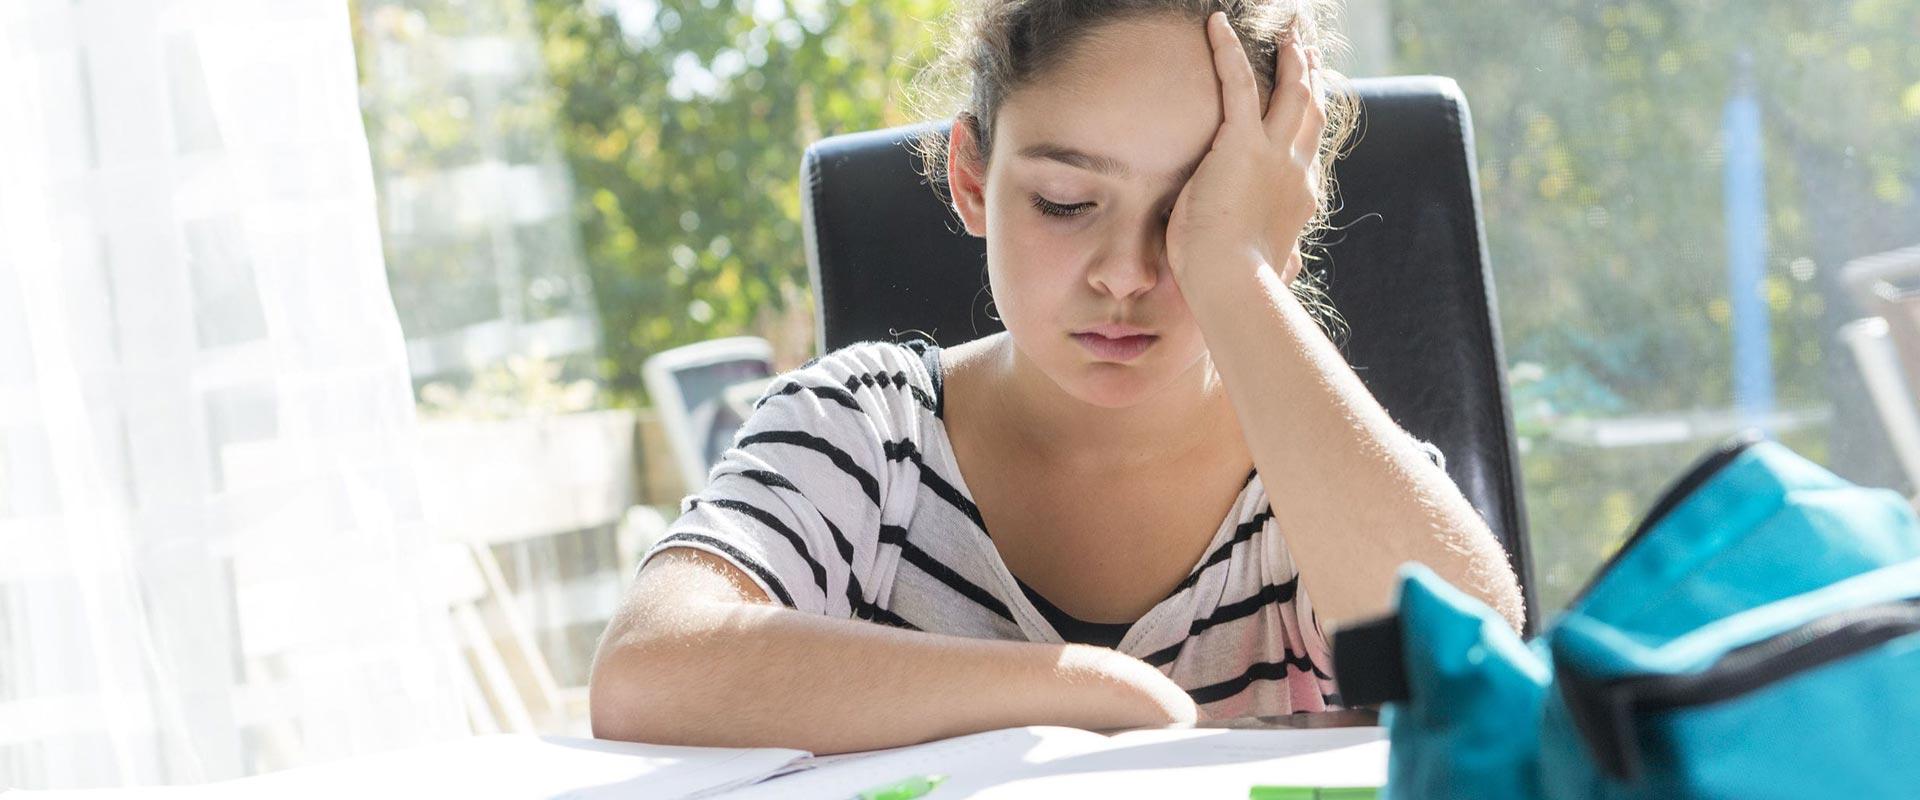 Μαθαίνω να αντιμετωπίζω τον φόβο των εξετάσεων